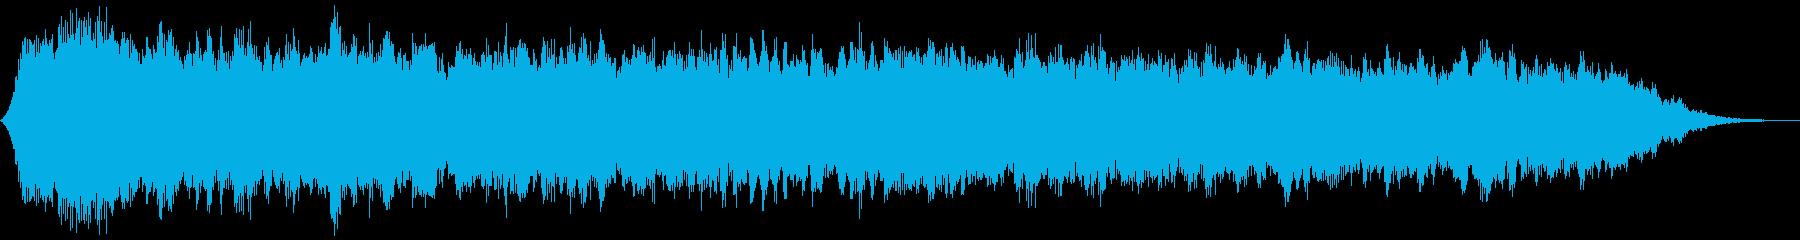 【サウンドスケイプ】インダストリアル_2の再生済みの波形